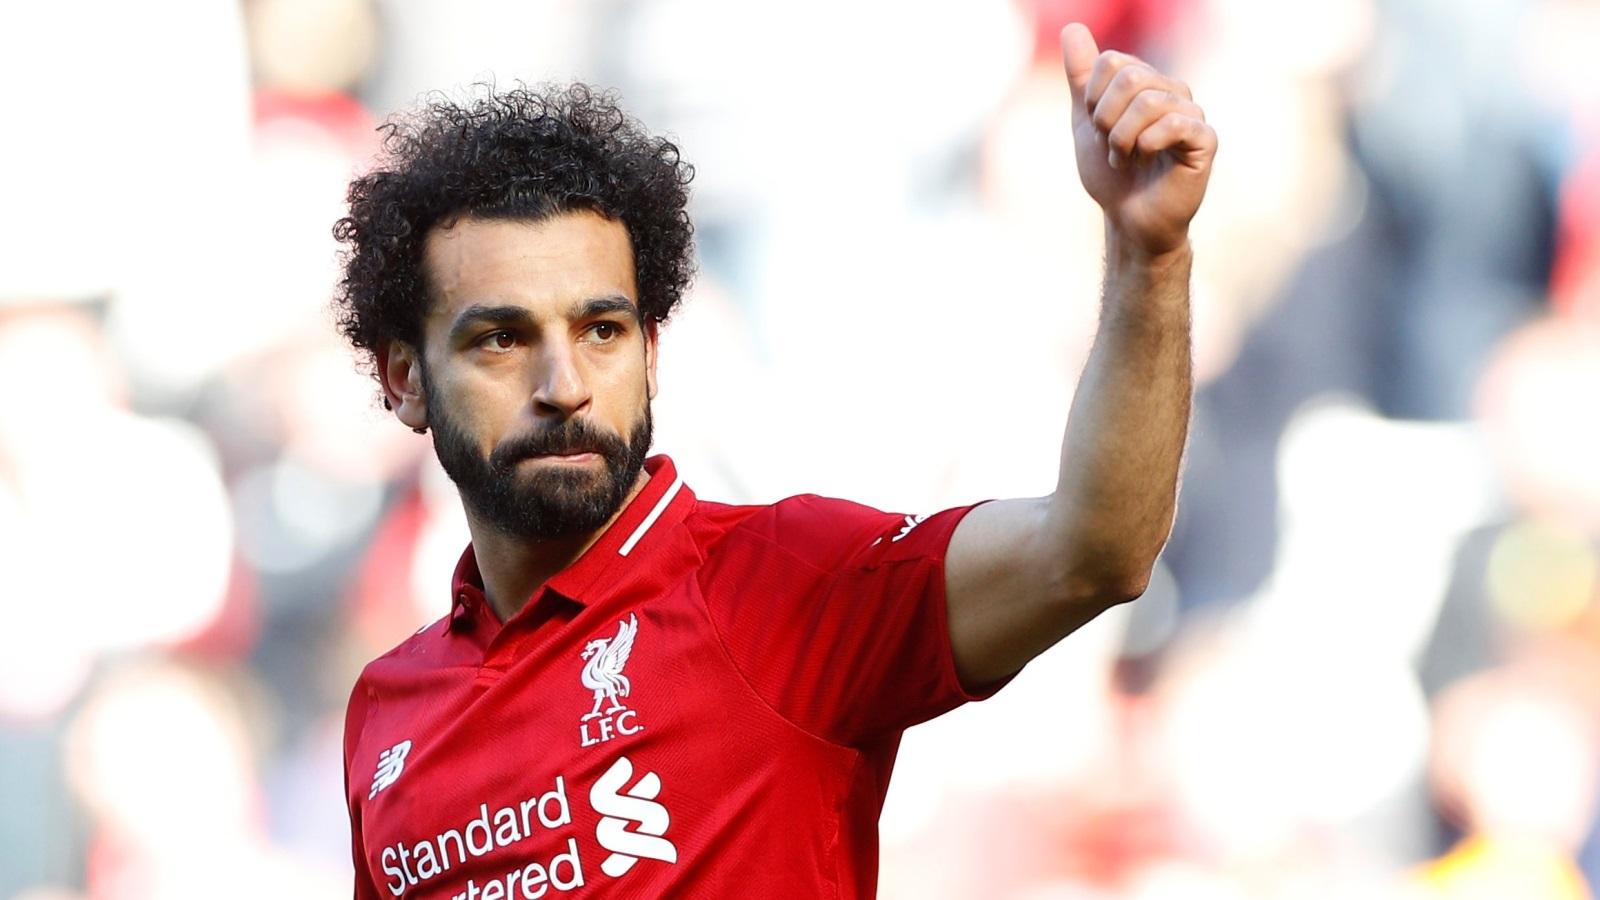 محمد صلاح يسعى الى تحقيق حلمه بالتتويج بلقب دوري أبطال أوروبا للمرة الأولى